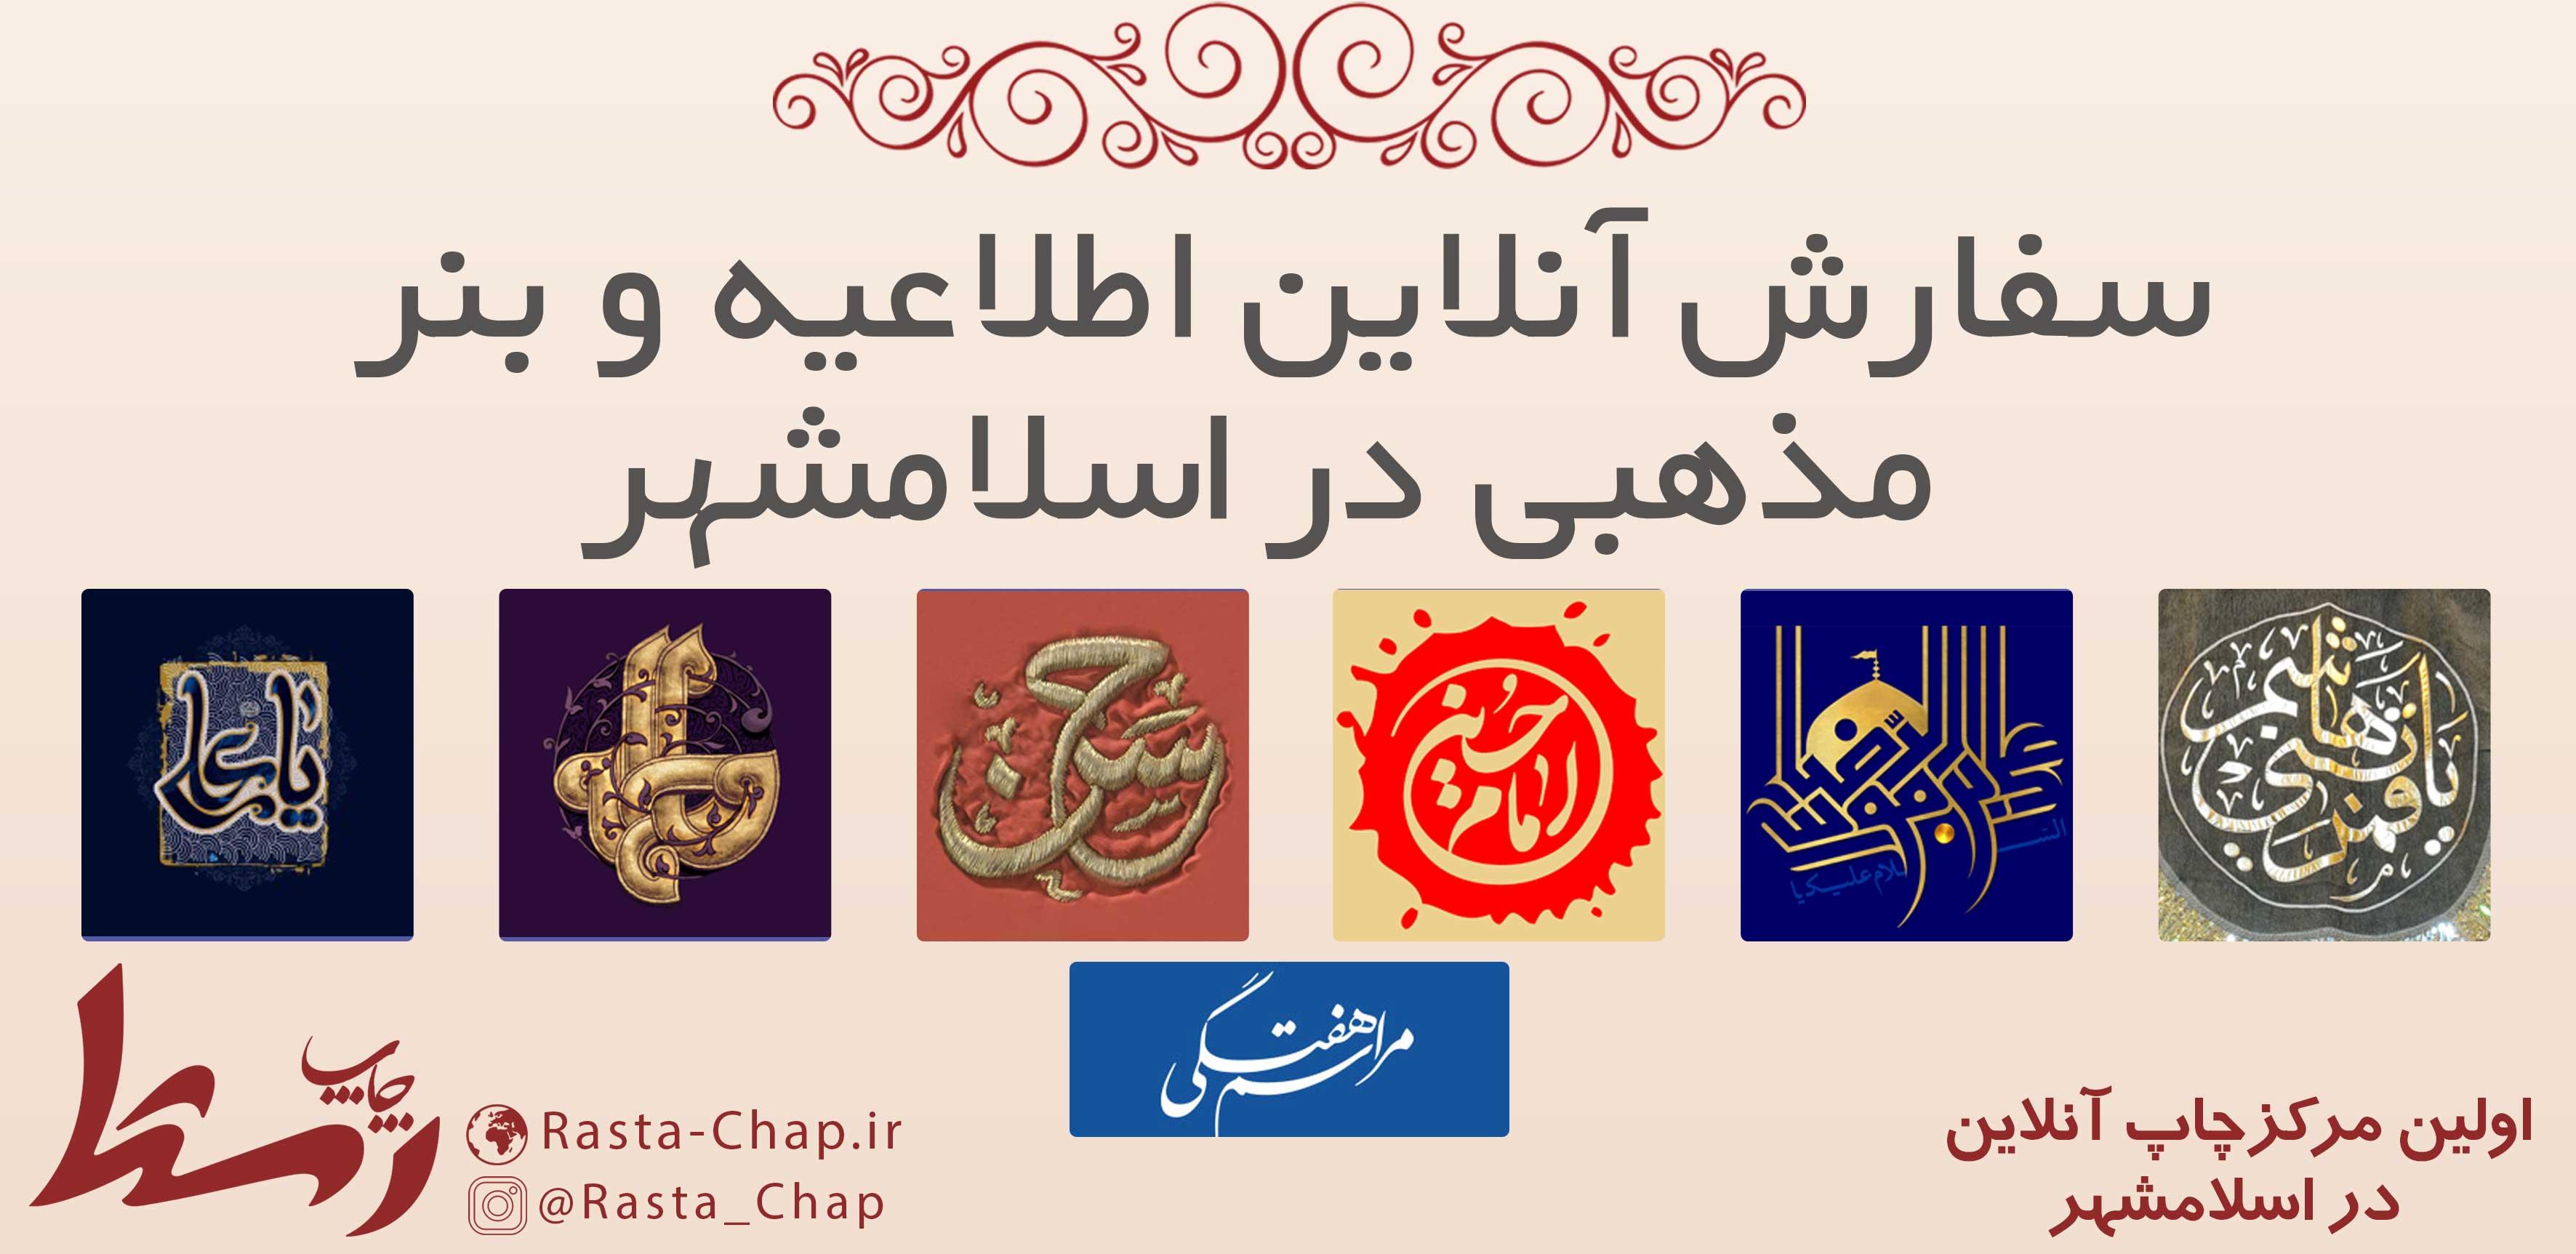 سفارش آنلاین بنر و اطلاعیه مذهبی در اسلامشهر